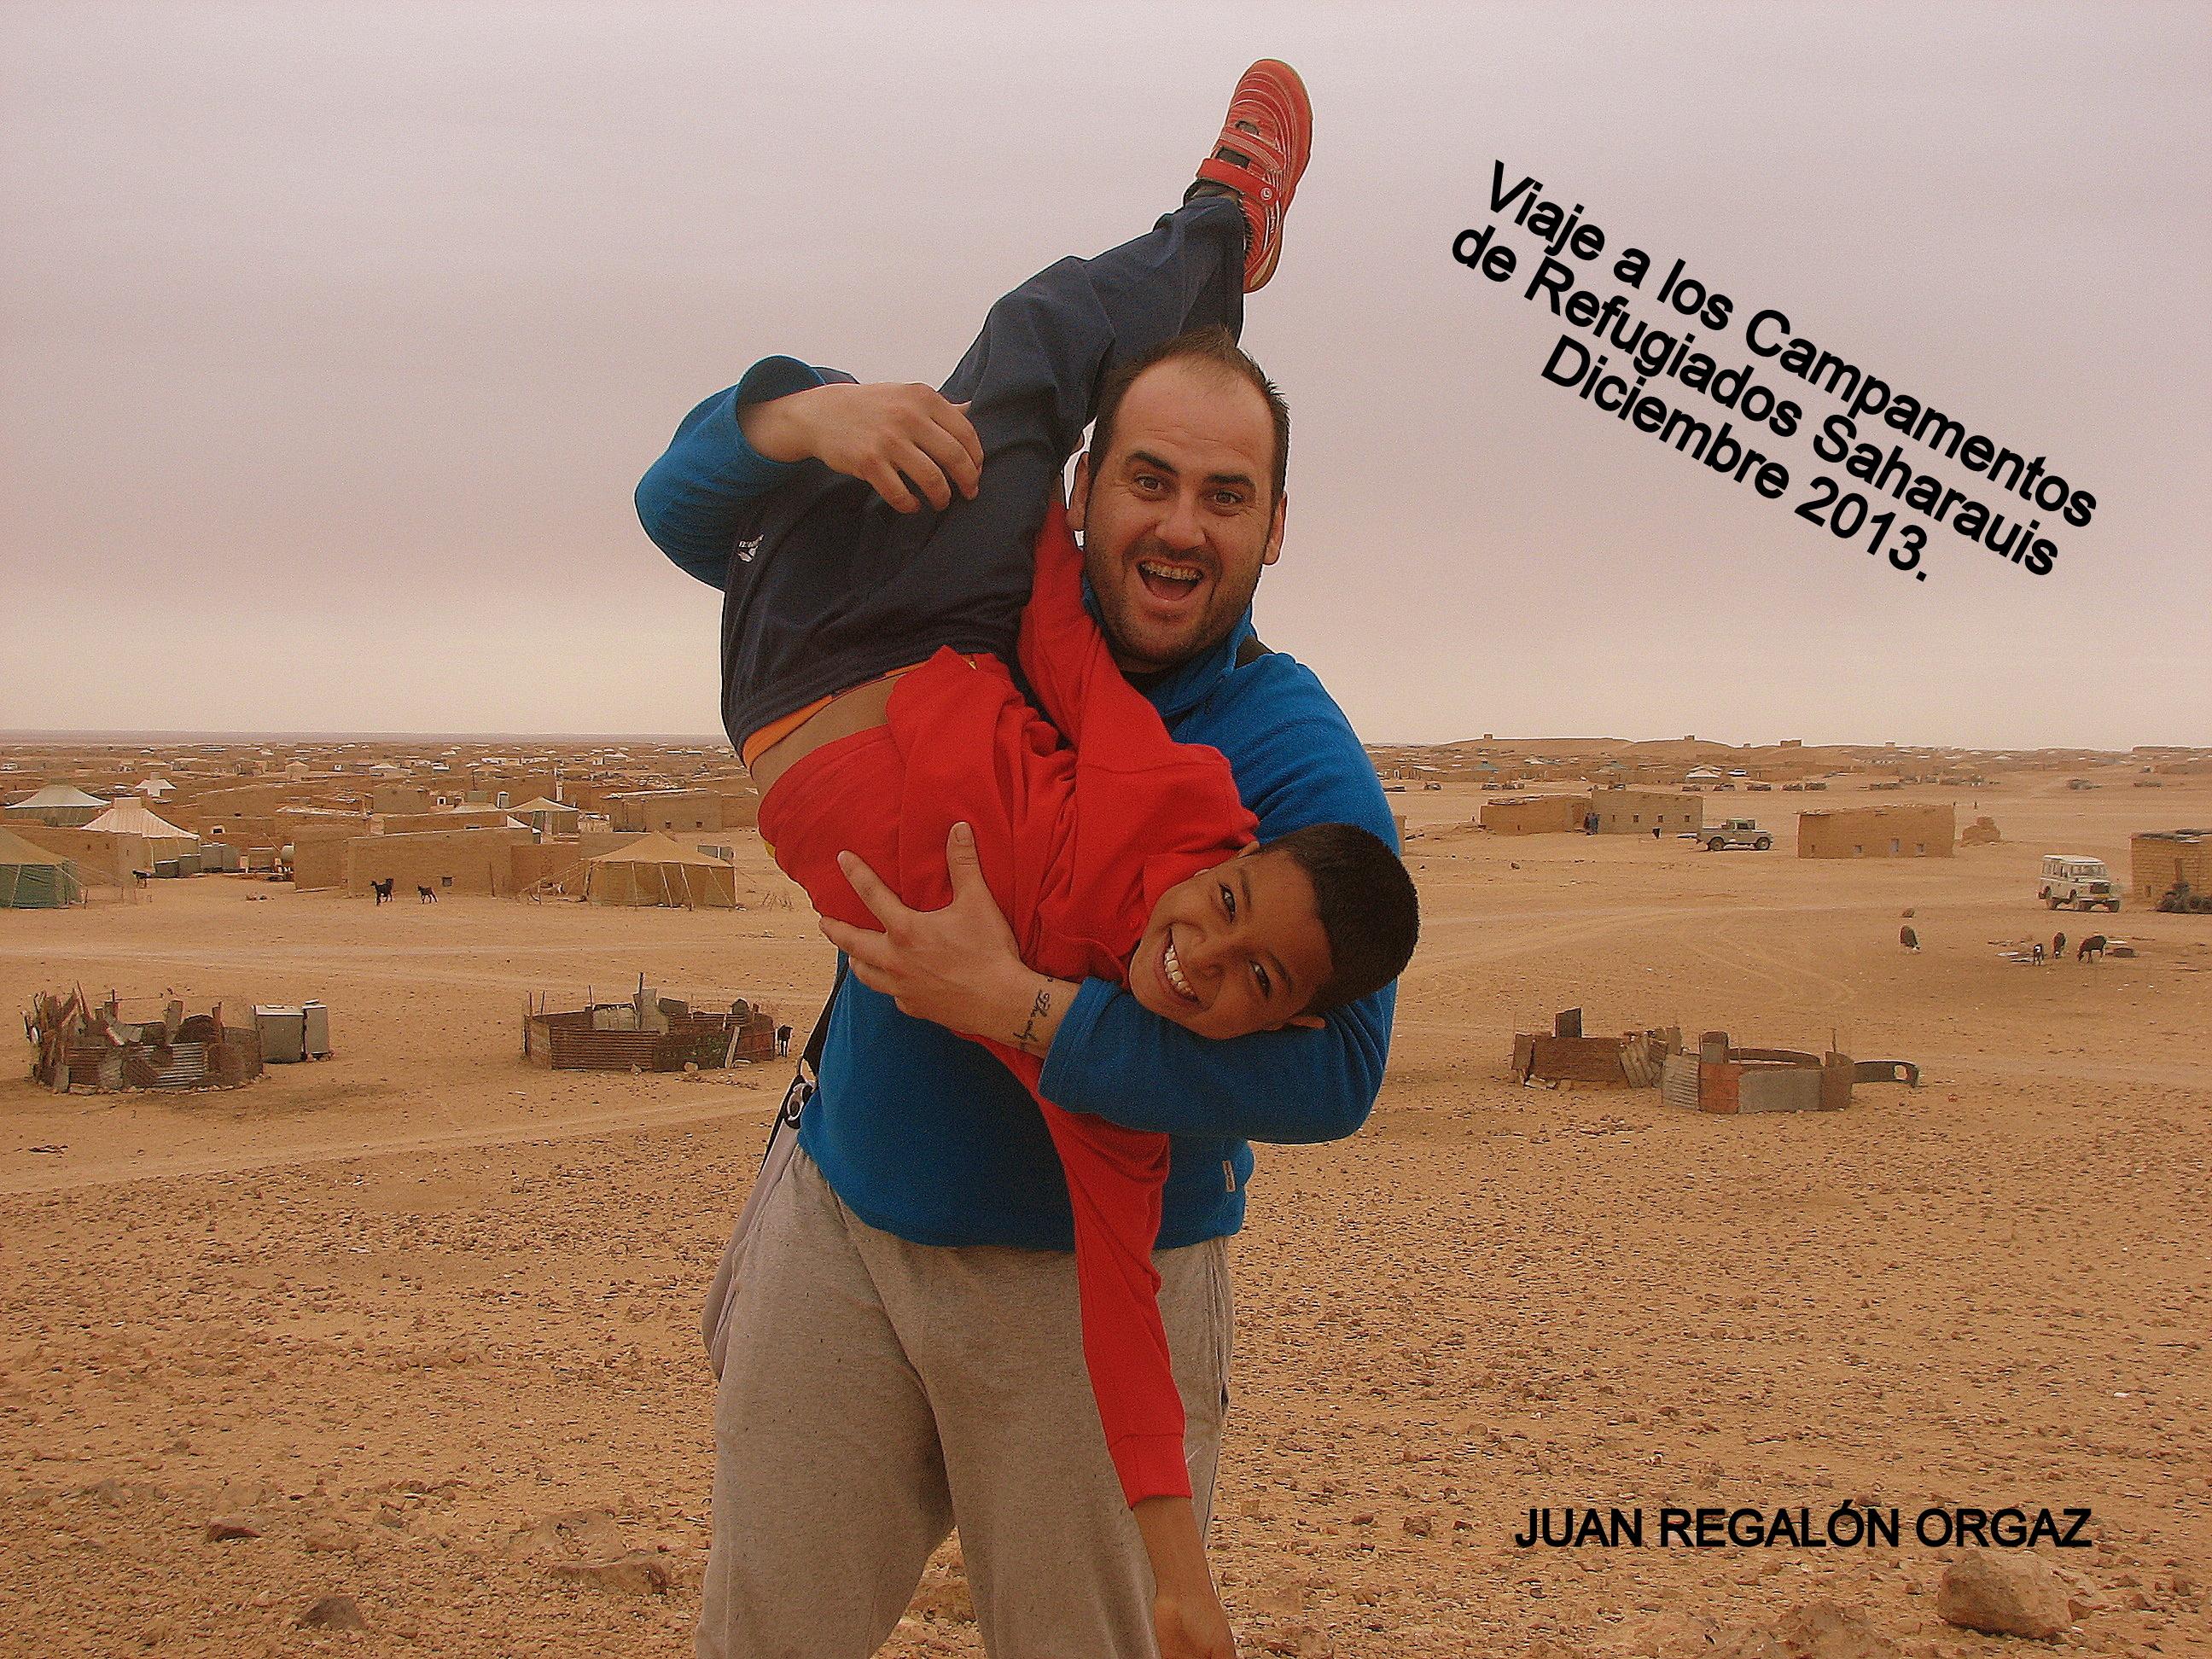 VISITA A LOS CAMPAMENTOS DE REFUGIADOS SAHARAUIS. DICIEMBRE 2013.